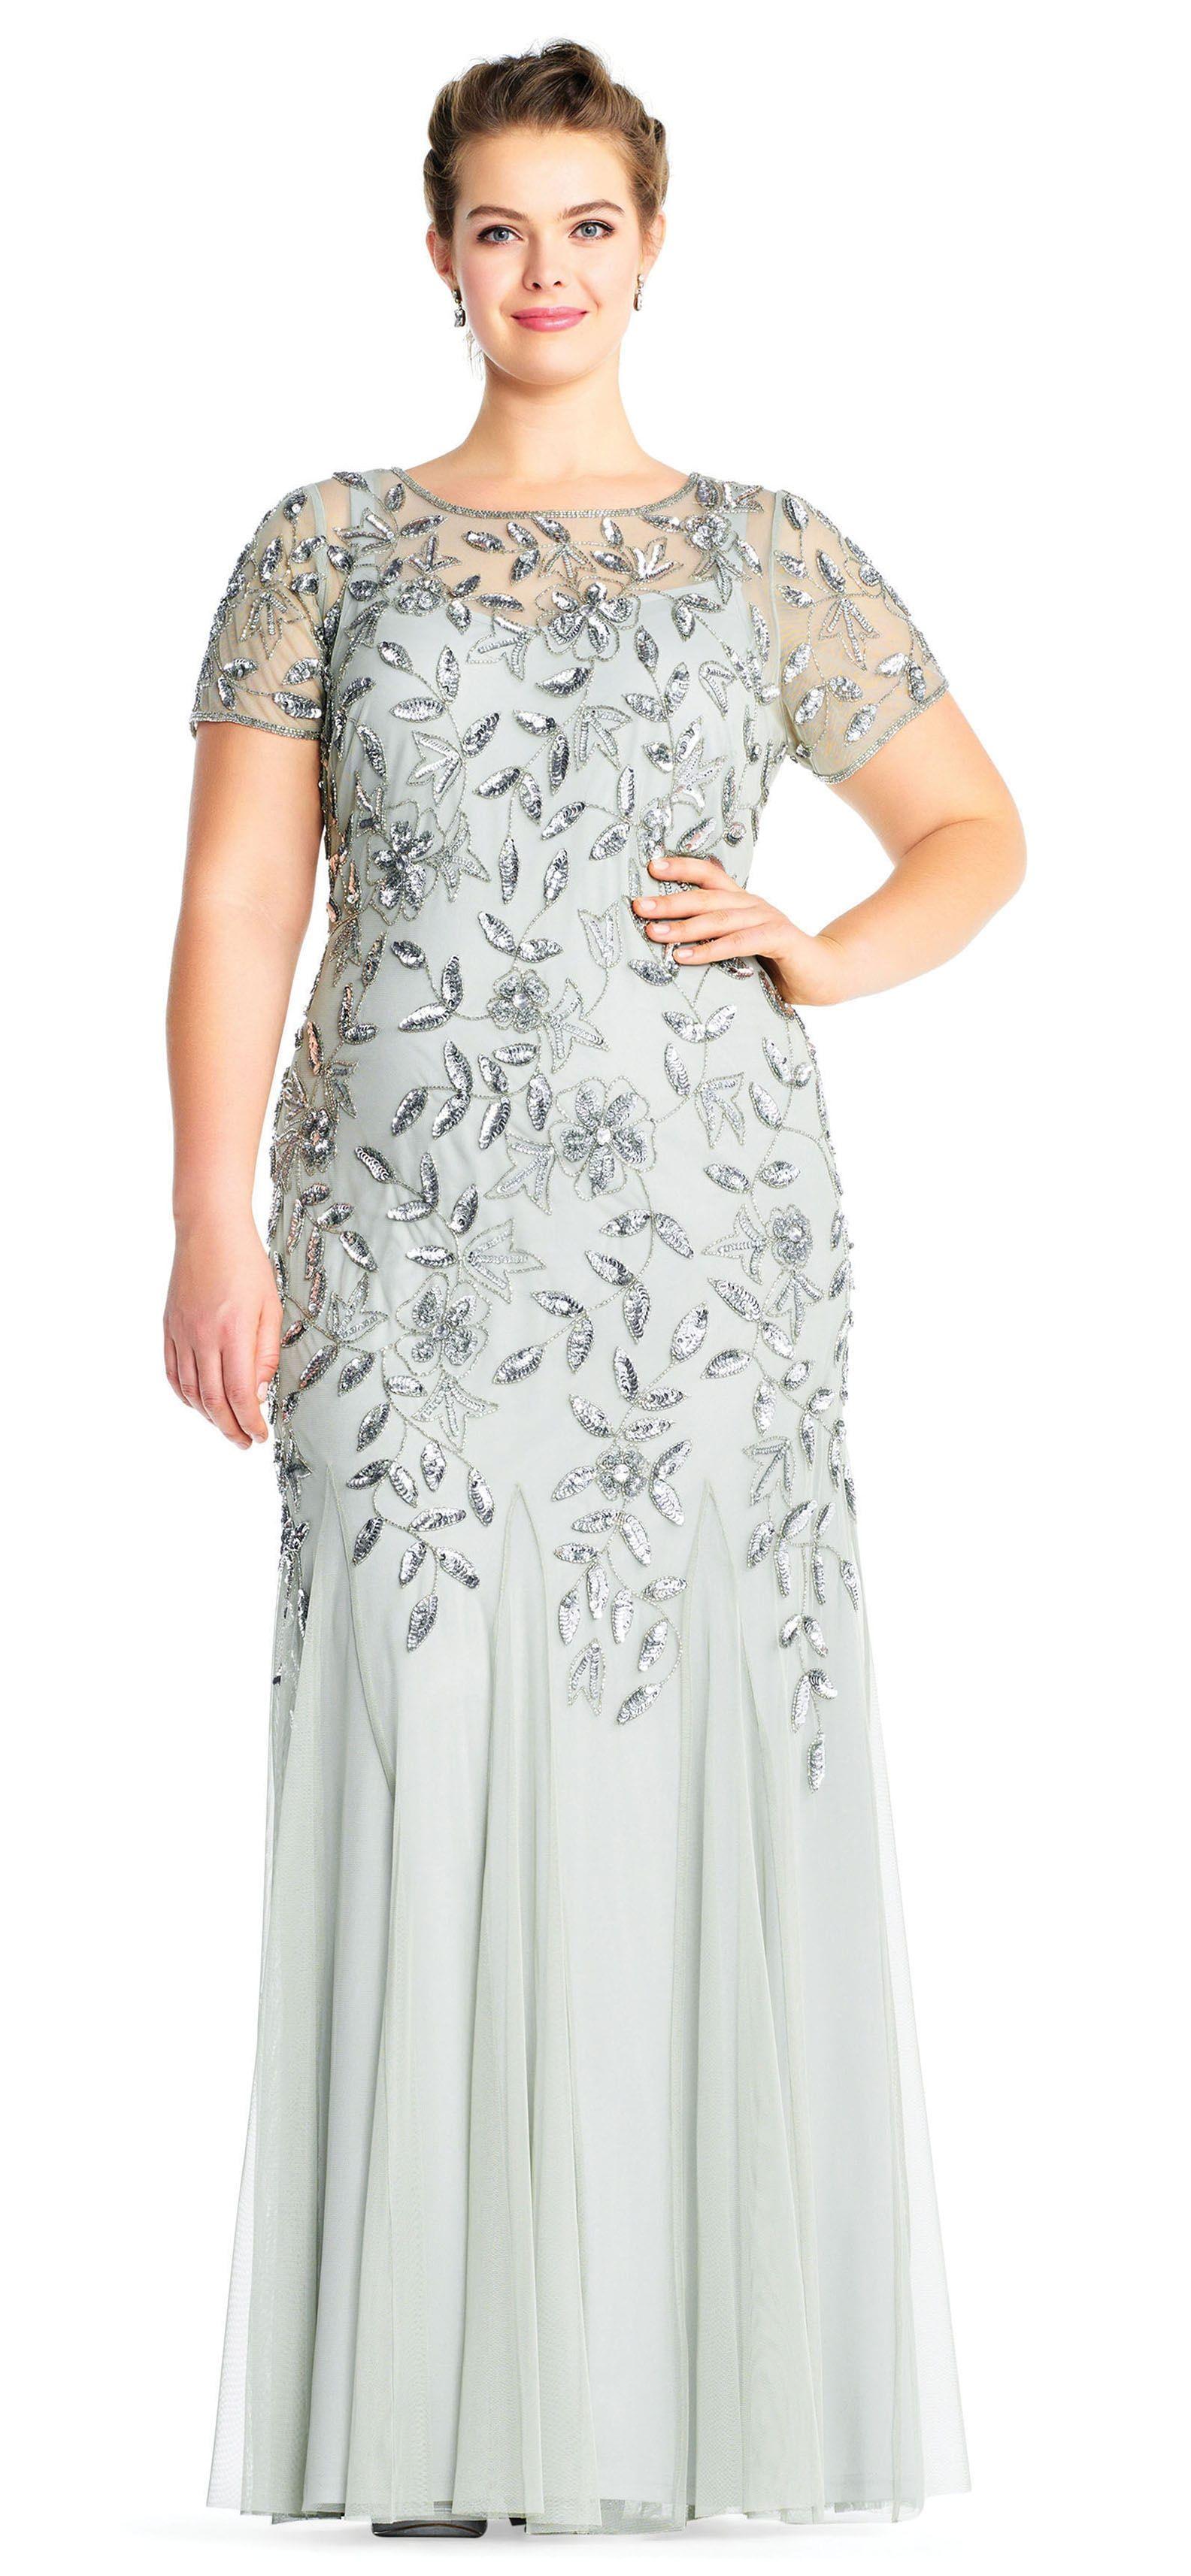 8bdd65e1ba 35+ Winter Wedding Dresses Fit For An Ice Queen | Wedding Dresses ...